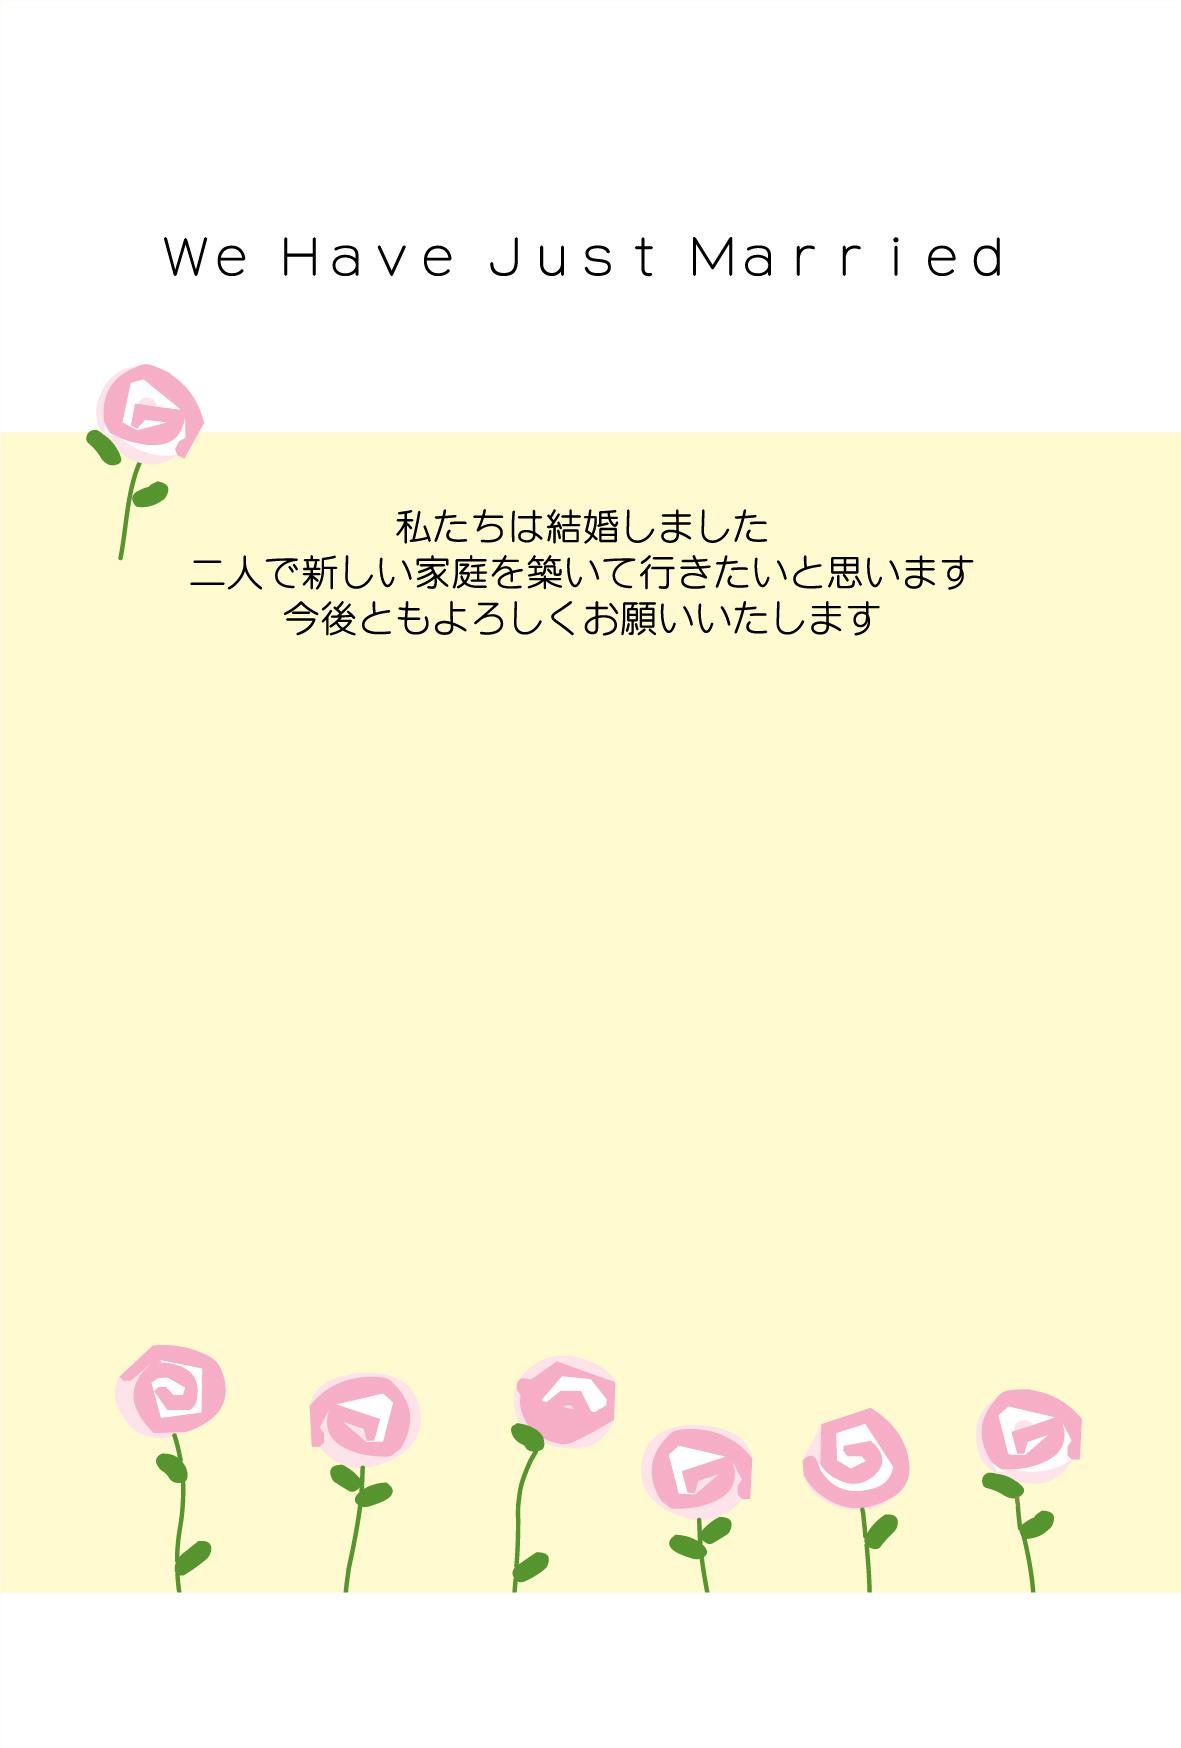 カード お礼カードテンプレート無料 : テンプレート : 結婚報告カード ...